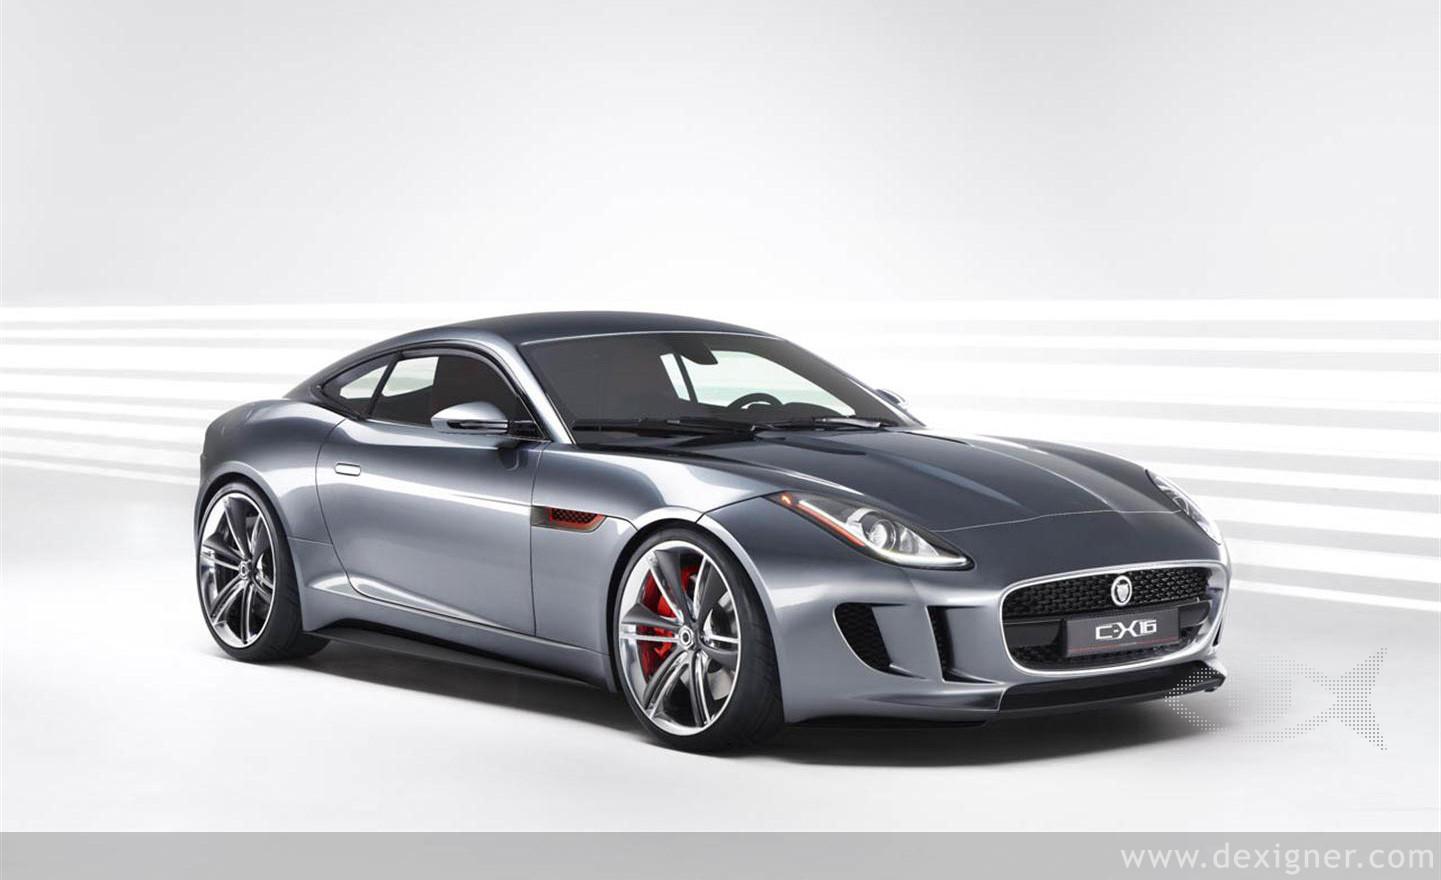 Jaguar_CX16_Concept_03.jpg (1441×880)